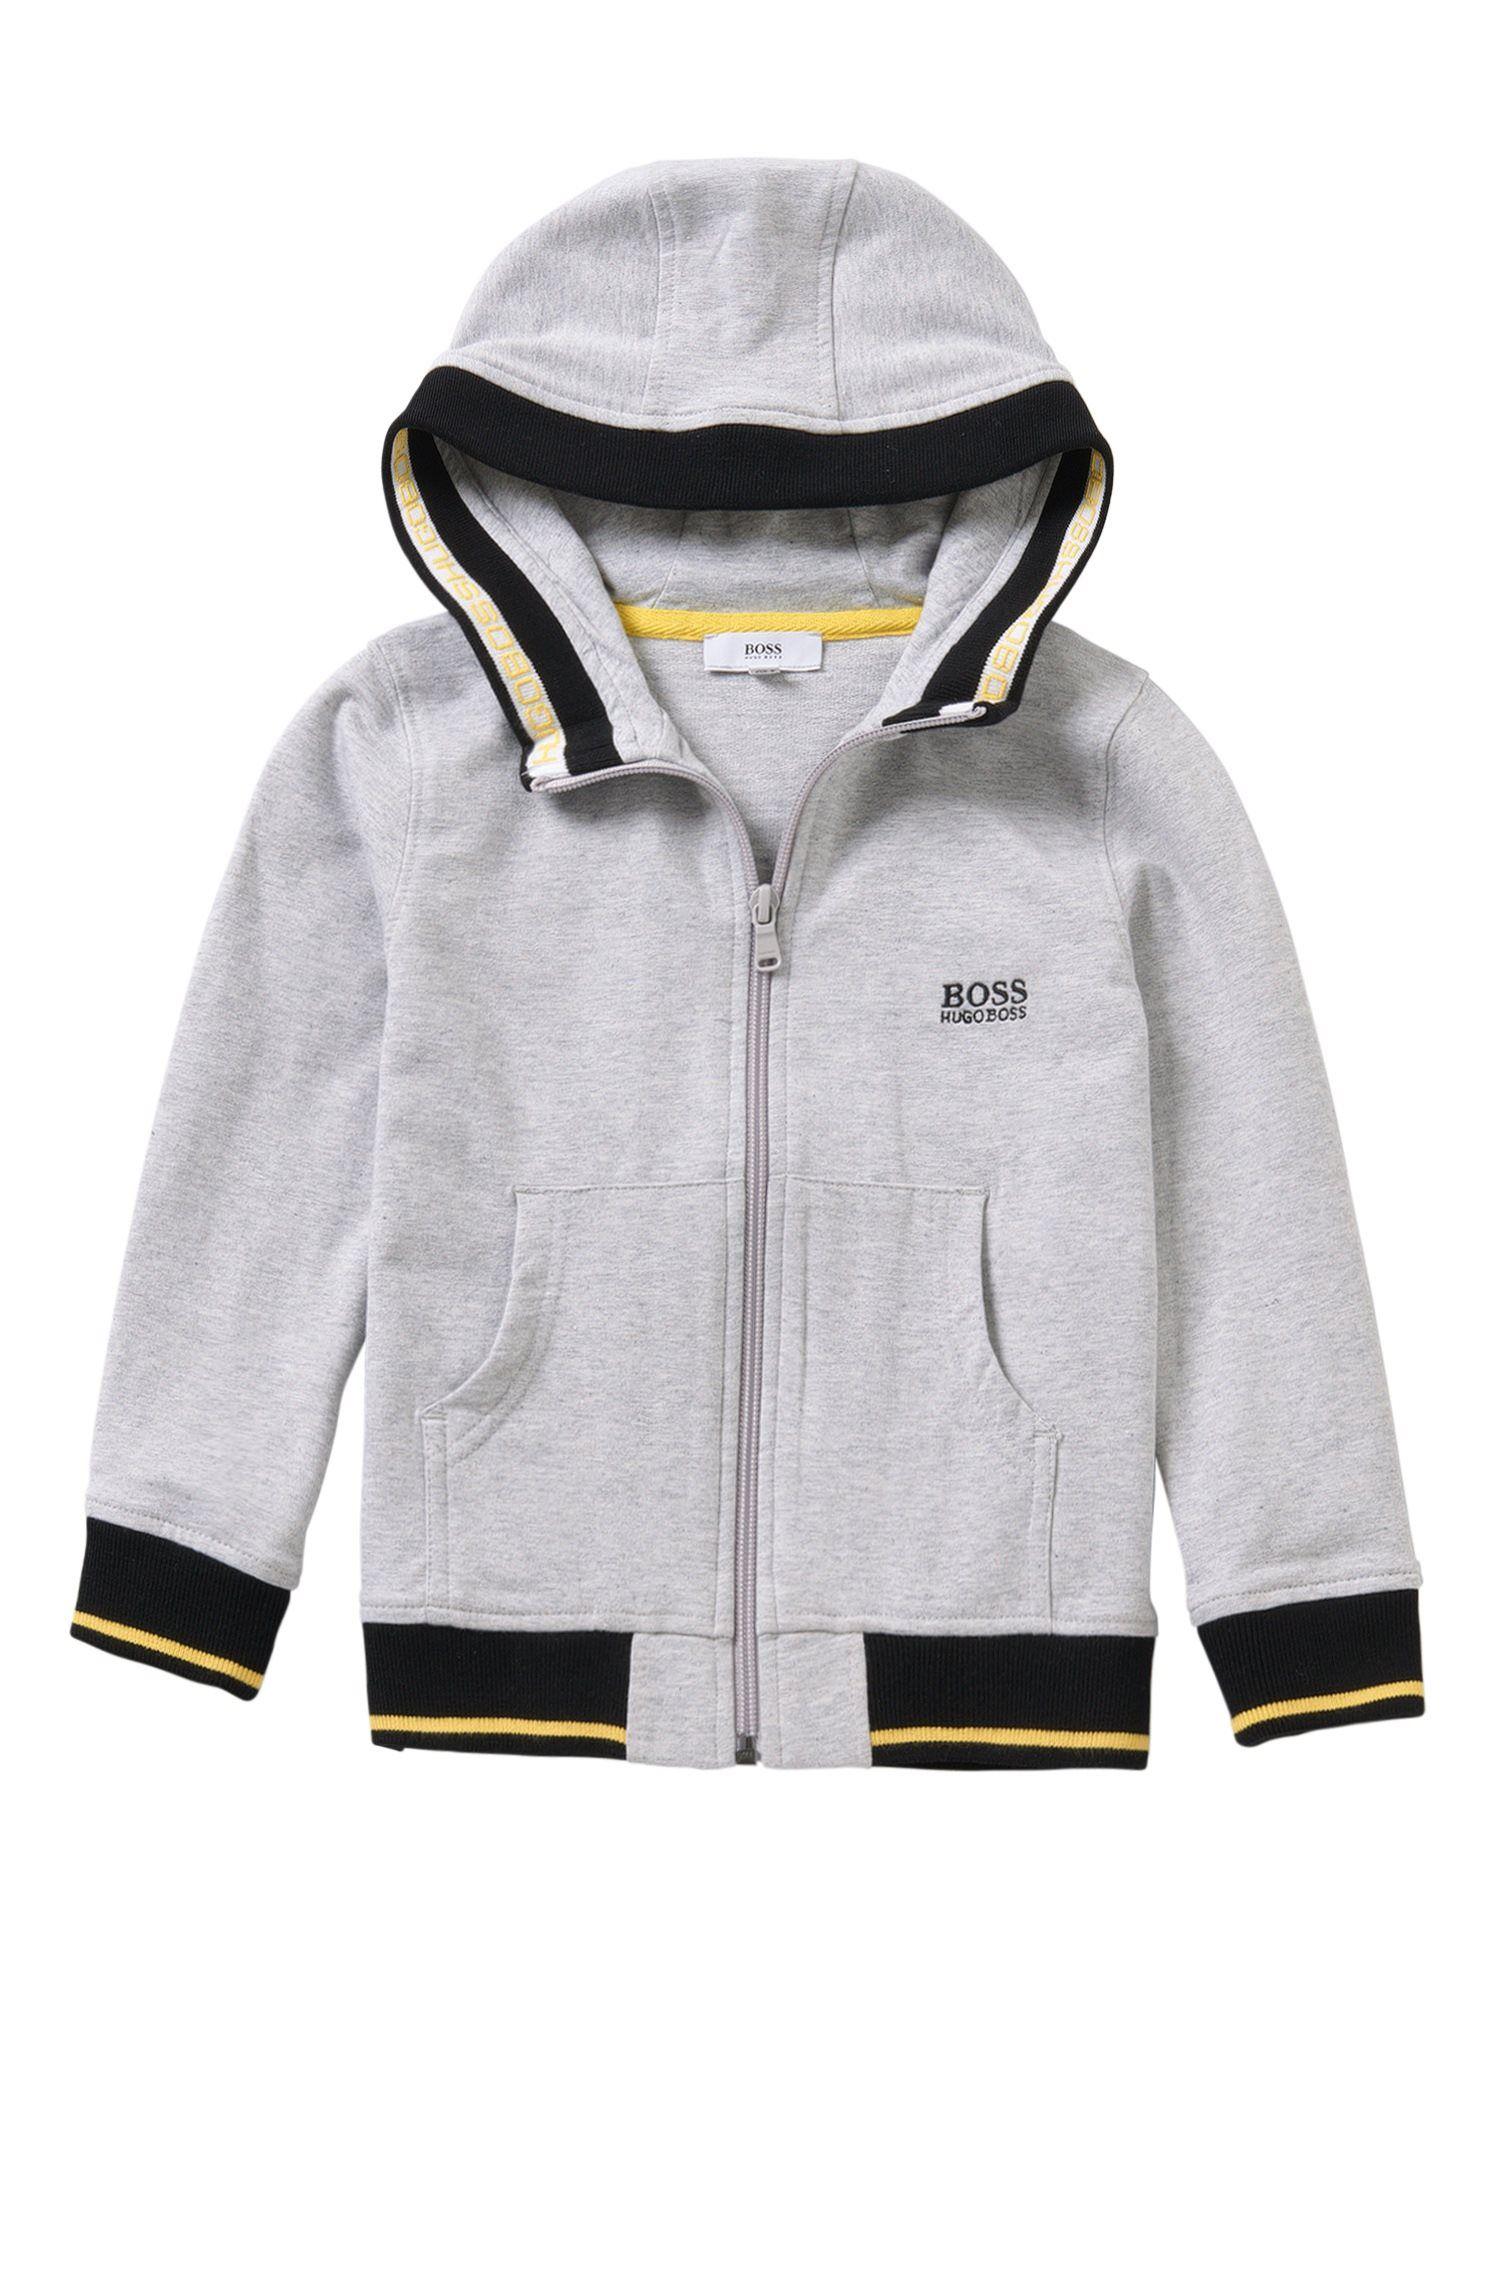 Kids-Sweatshirt-Jacke aus elastischer Baumwolle mit Kapuze: 'J25962'